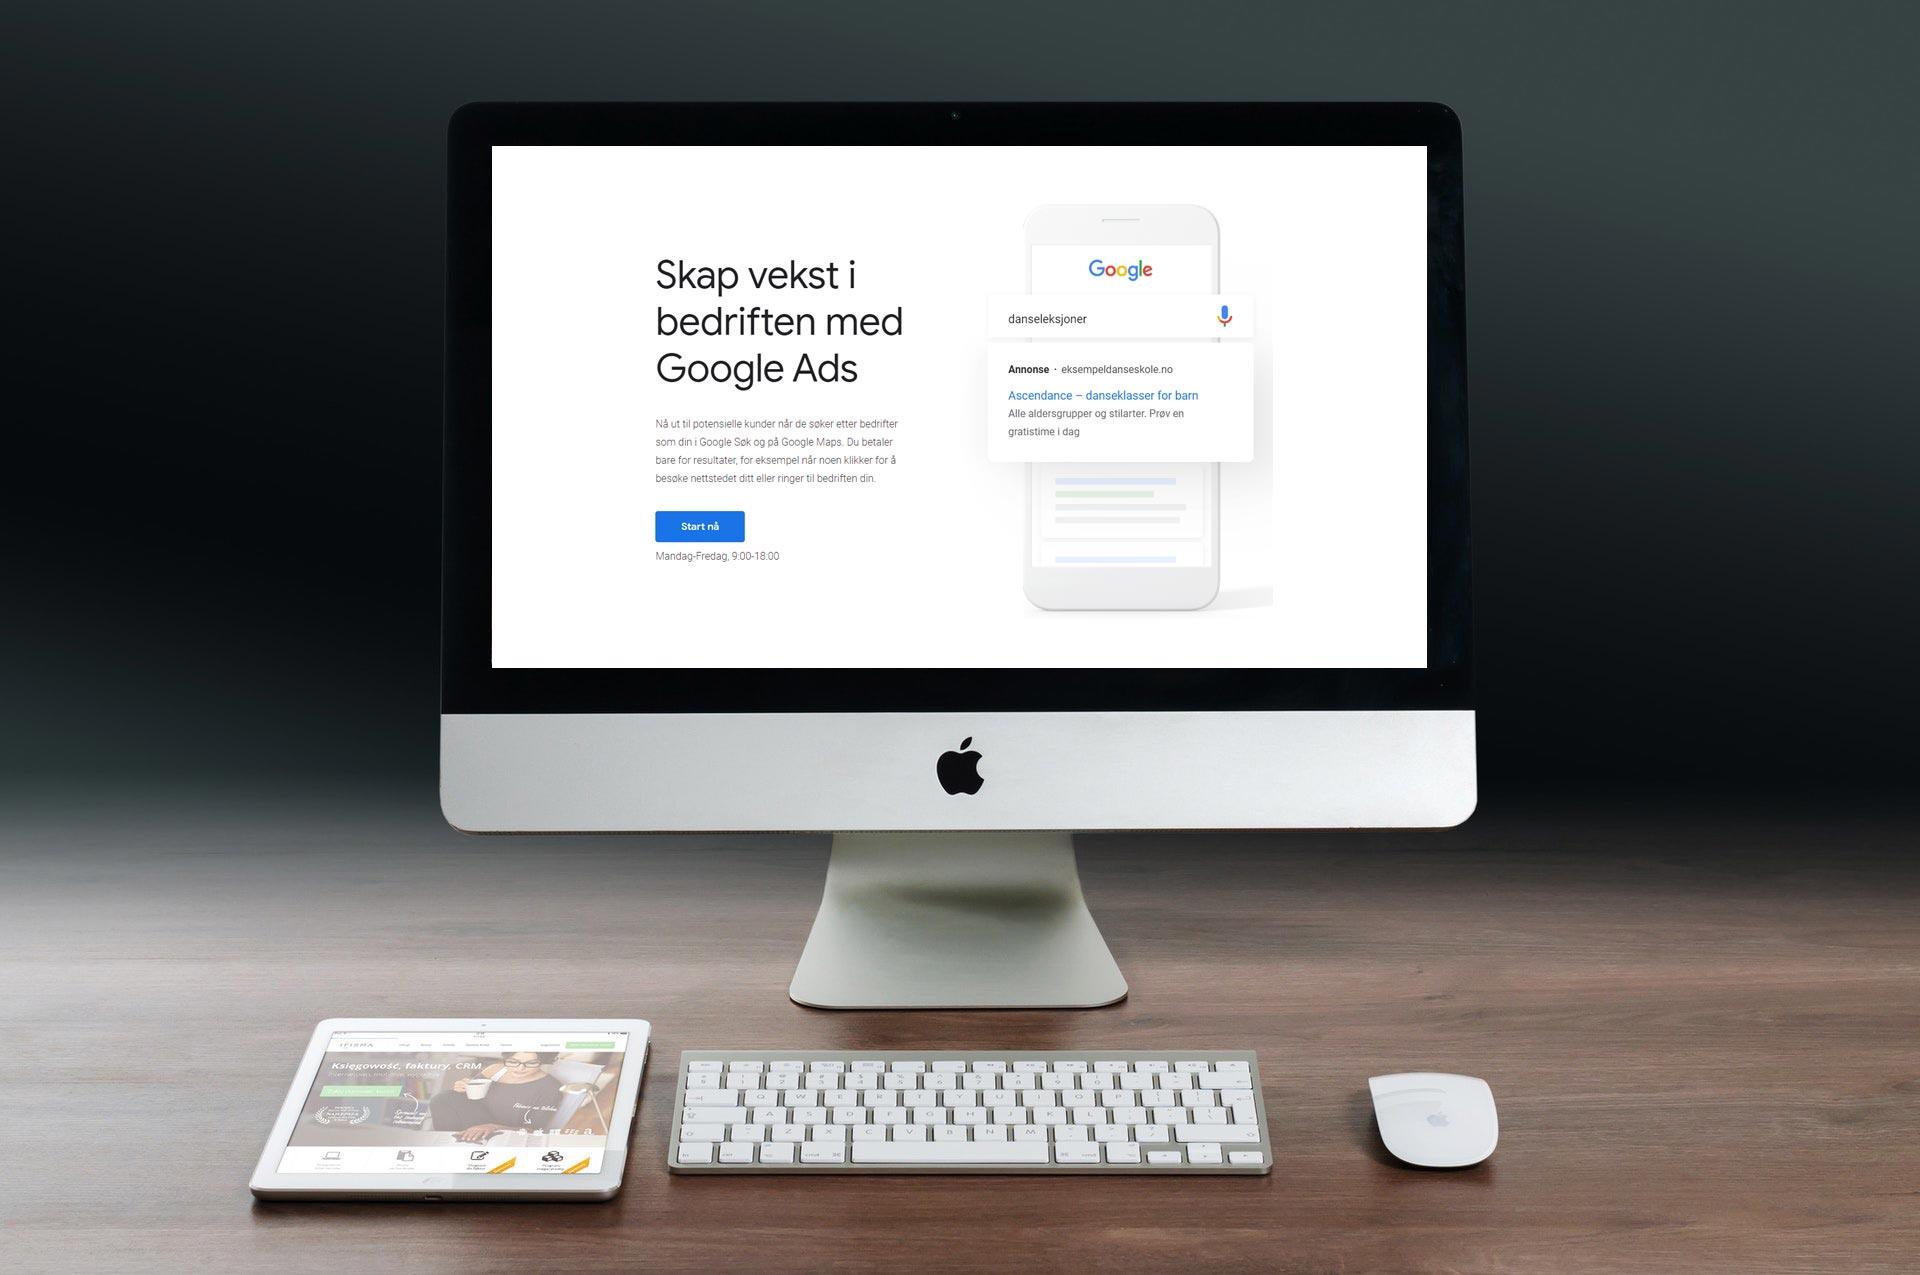 Bli synlig på Google med annonser på Google Ads